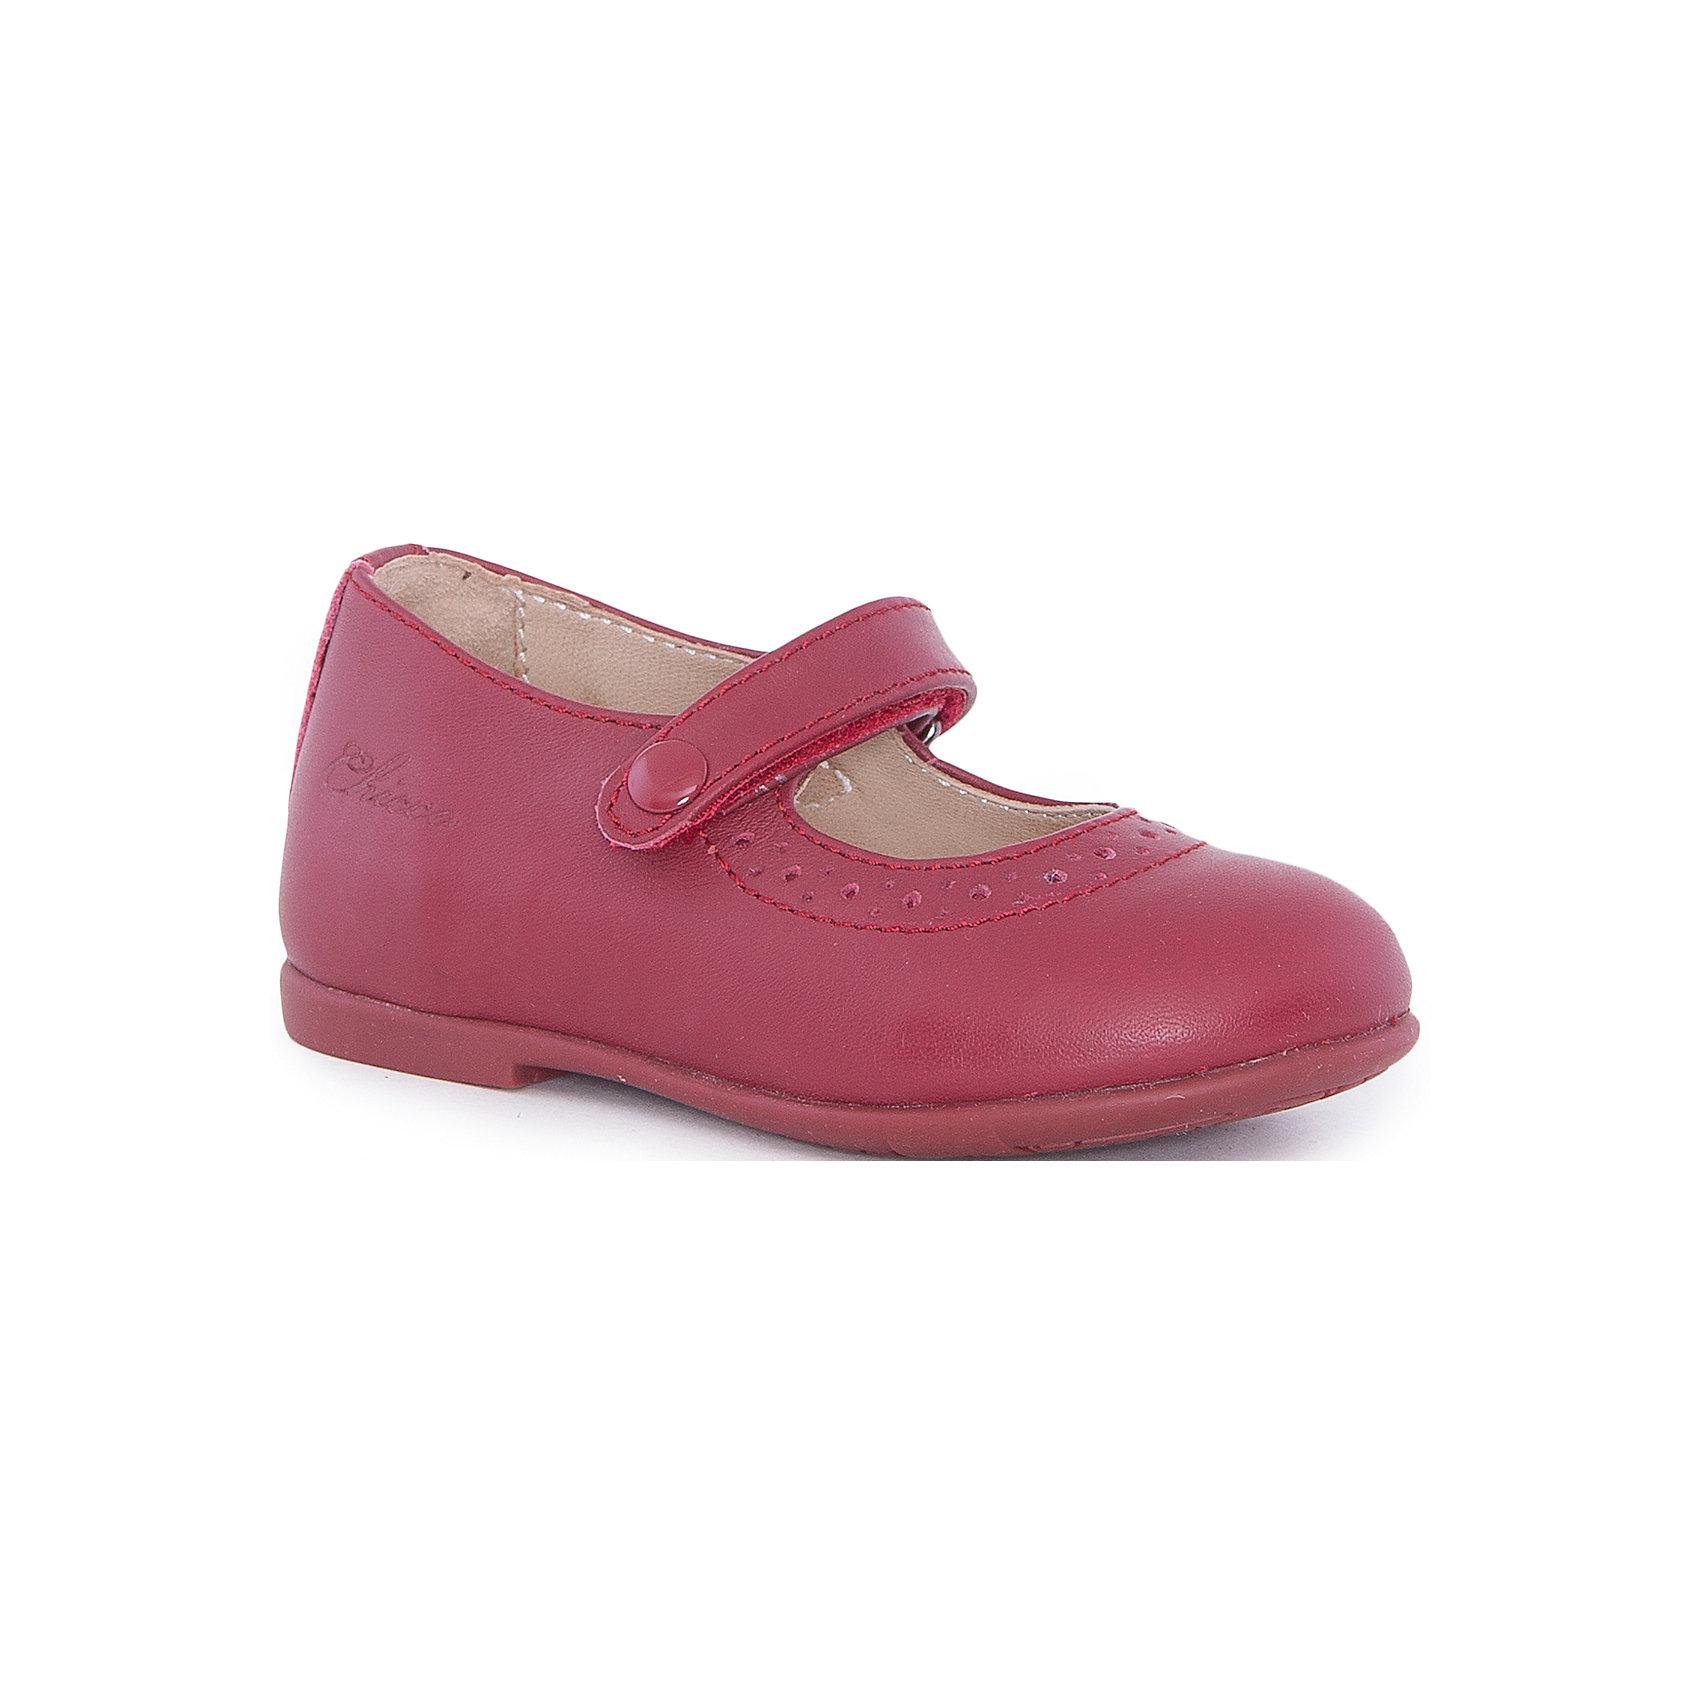 Балетки для девочки CHICCOБалетки для девочки CHICCO<br><br>Характеристики:<br><br>Тип застежки: на липучке<br>Тип обуви: школьные<br>Особенности обуви: маленький каблучок<br>Декоративные элементы: пуговица на застежке, имитация<br>Цвет: бордовый<br><br>Внешний материал: 100% кожа<br>Внутренний материал: 100% кожа<br><br>Балетки для девочки CHICCO можно купить в нашем интернет-магазине.<br><br>Ширина мм: 227<br>Глубина мм: 145<br>Высота мм: 124<br>Вес г: 325<br>Цвет: бордовый<br>Возраст от месяцев: 24<br>Возраст до месяцев: 24<br>Пол: Женский<br>Возраст: Детский<br>Размер: 26,27,28,29,30,31,32,33,34,22,23,25,24<br>SKU: 5082807